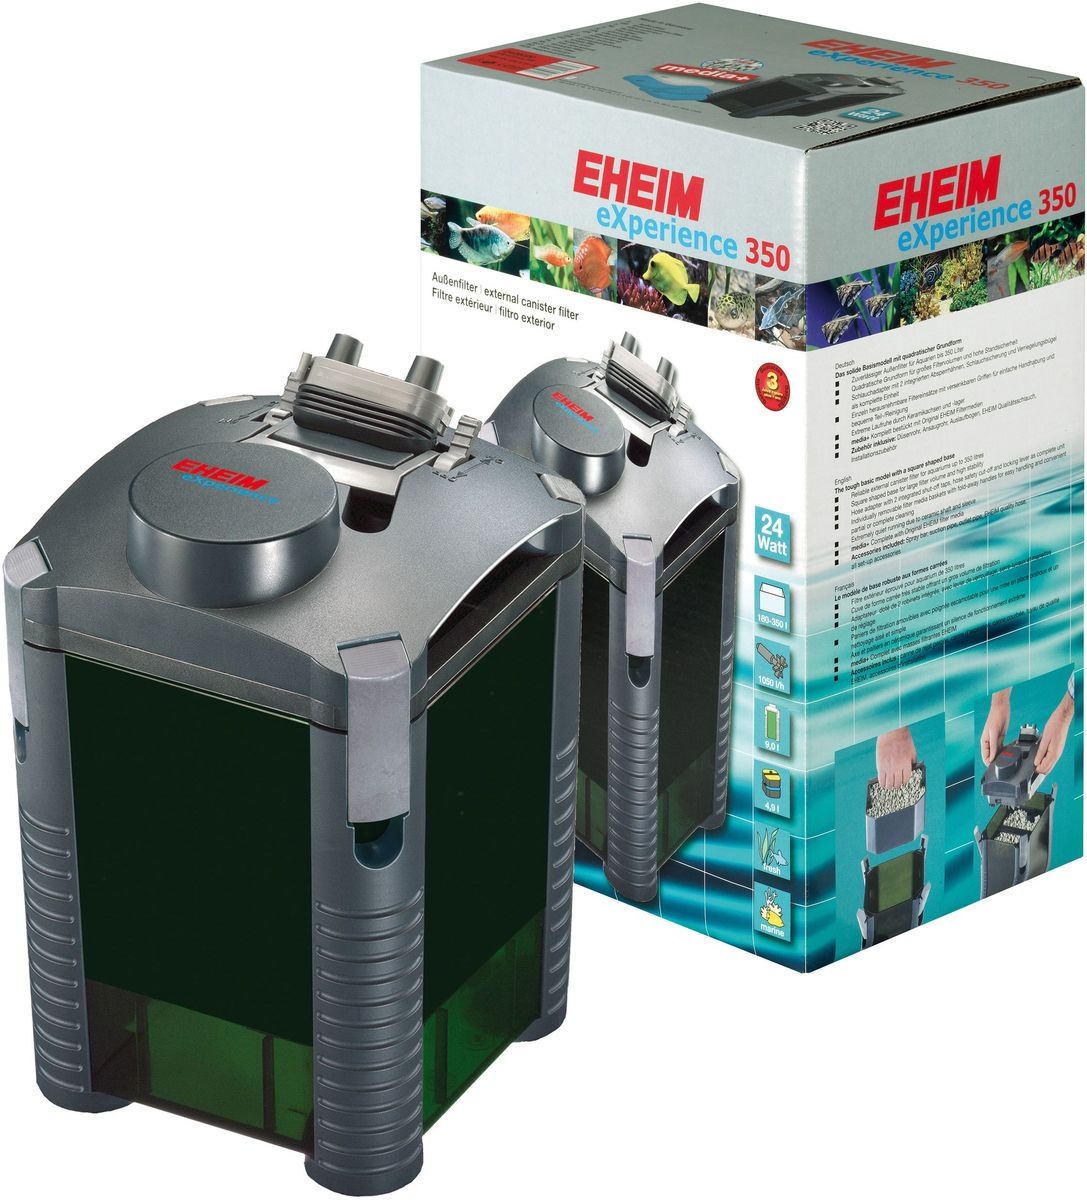 Фильтр внешний Eheim Experience 35012171996Внешний фильтр Eheim Experience 350 - базовая модель квадратной формы. Его форма позволяет устанавливать его на углы, занимая меньше места. Вместо отдельных соединителей для шлангов фильтр имеет полный адаптер для шлангов с 2 встроенными отводами. Адаптер можно легко снять и безопасно заменить рычагом (фиксирующим зажимом). Запорные краны можно регулировать индивидуально, чтобы регулировать поток воды. Канистра фильтра оснащена практичными фильтровальными корзинами. Они имеют складные ручки и могут быть легко удалены для удобства управления и удобной полной / частичной очистки. Компоненты из высококачественной керамики (оси и рукава рабочего колеса), обеспечивает очень тихую работу, высокую упругость и чрезвычайно длительный срок службы.При мощности 8 Вт с мощностью насоса 700 л/ч работает очень эффективно и имеет низкое потребление энергии.Для аквариумов: 180-350 л.Мощность насоса (50 Гц): 1050 л/ч.Насосная головка (H max при 50 Гц): 2 м.Мощность (50 Гц): 24 ватт.Объем фильтра: 4,9 л.Объем контейнера: 9 л.Высота: 210 мм.Диаметр фильтра: 375 мм.Высота установки: 210 см.Напряжение: 230 вольт.Диаметр шланга всасывания (внутри): 16 / 22 мм.Диаметр напорного шланга (внутри): 16 / 22 мм.